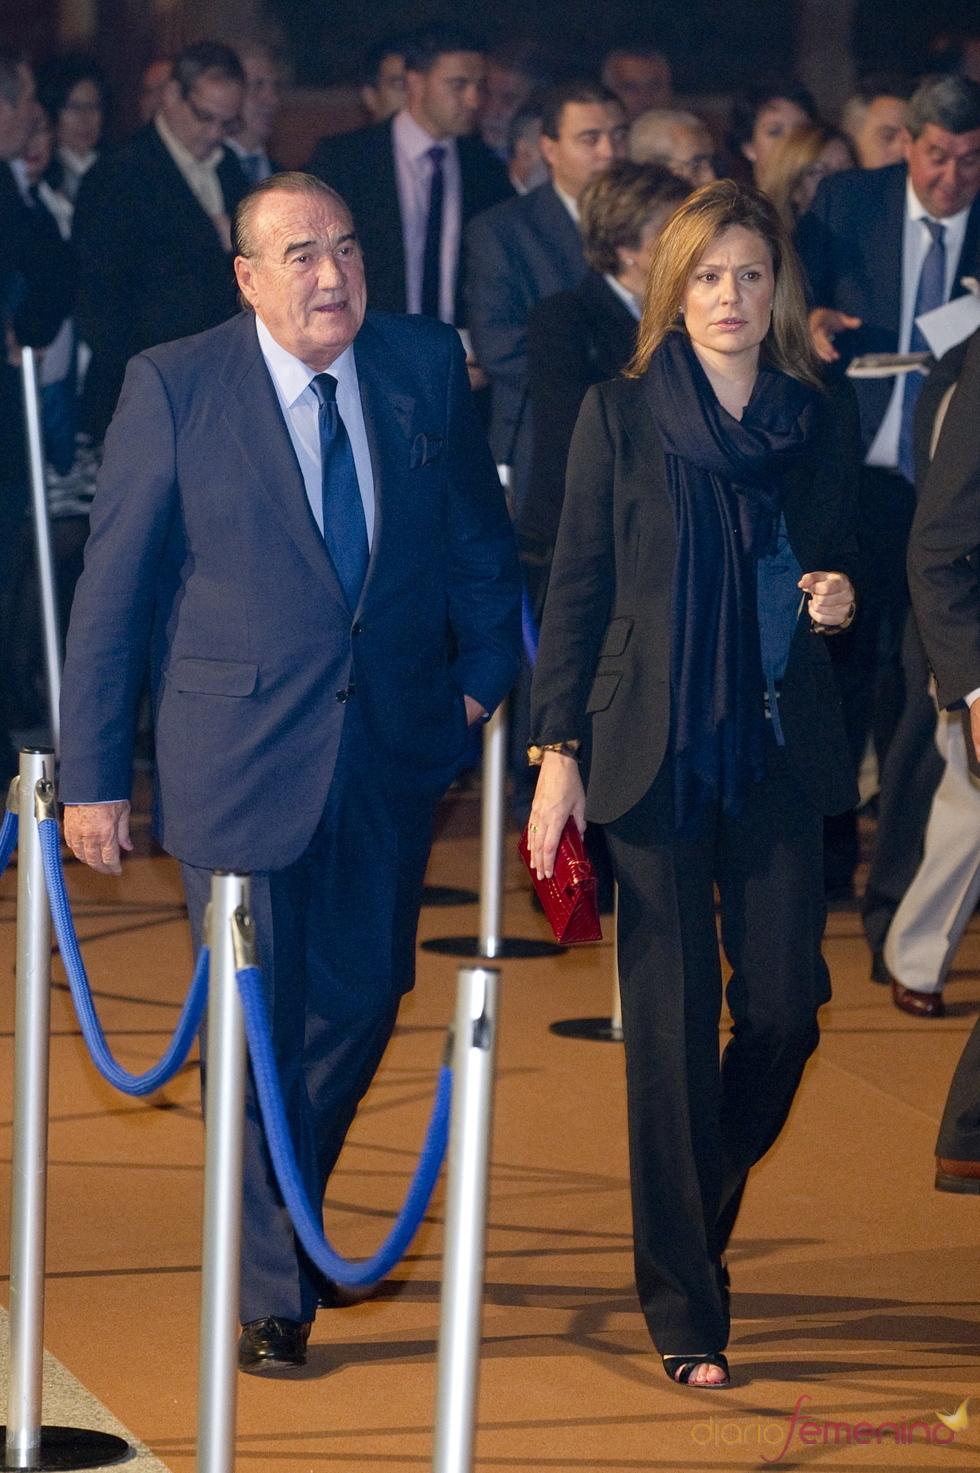 Premio Alma 2010: Fernando Fernández Tapias y Nuria González